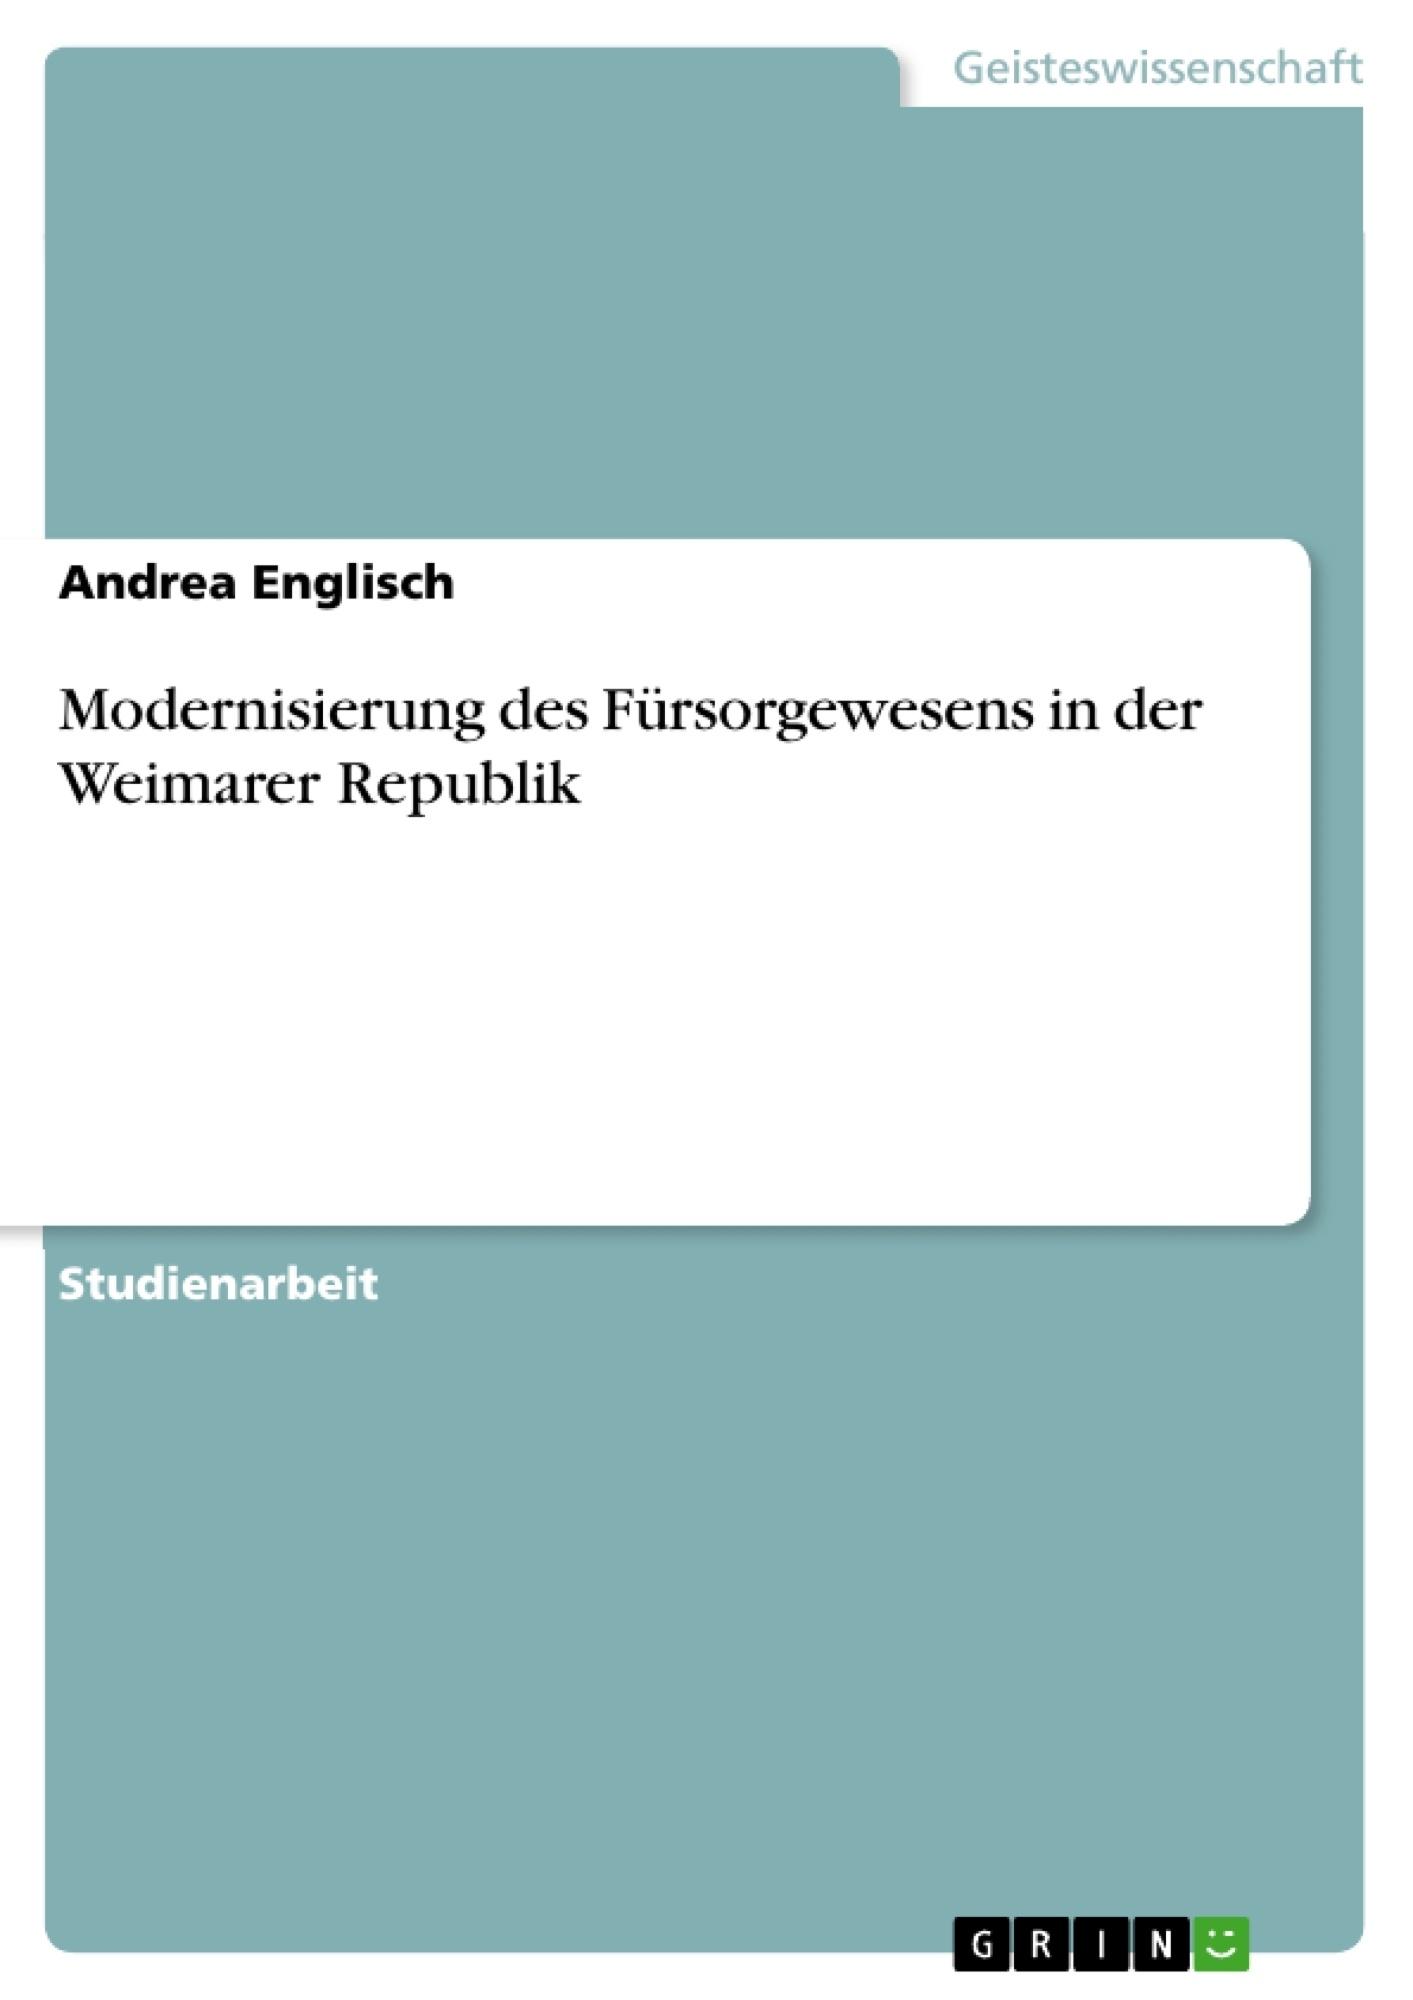 Titel: Modernisierung des Fürsorgewesens in der Weimarer Republik